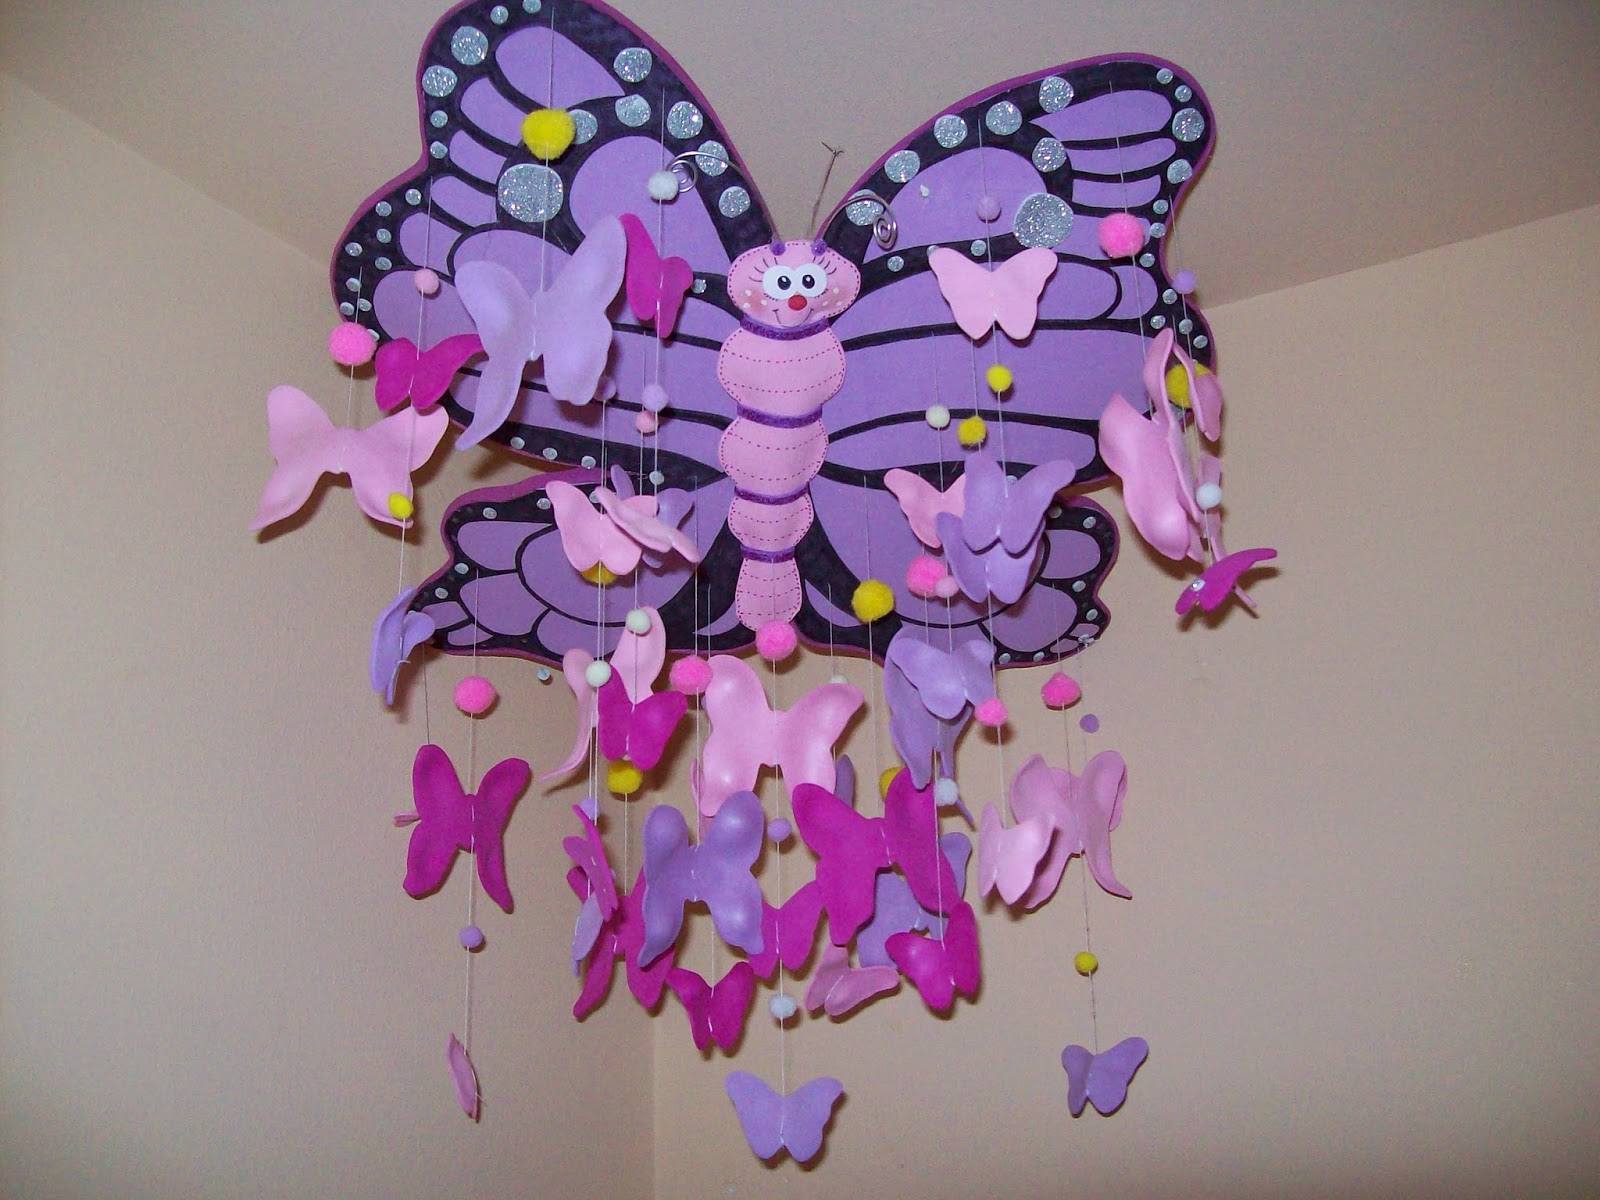 Pensamientos manualidades y mas mariposa de goma eva - Mariposas goma eva ...